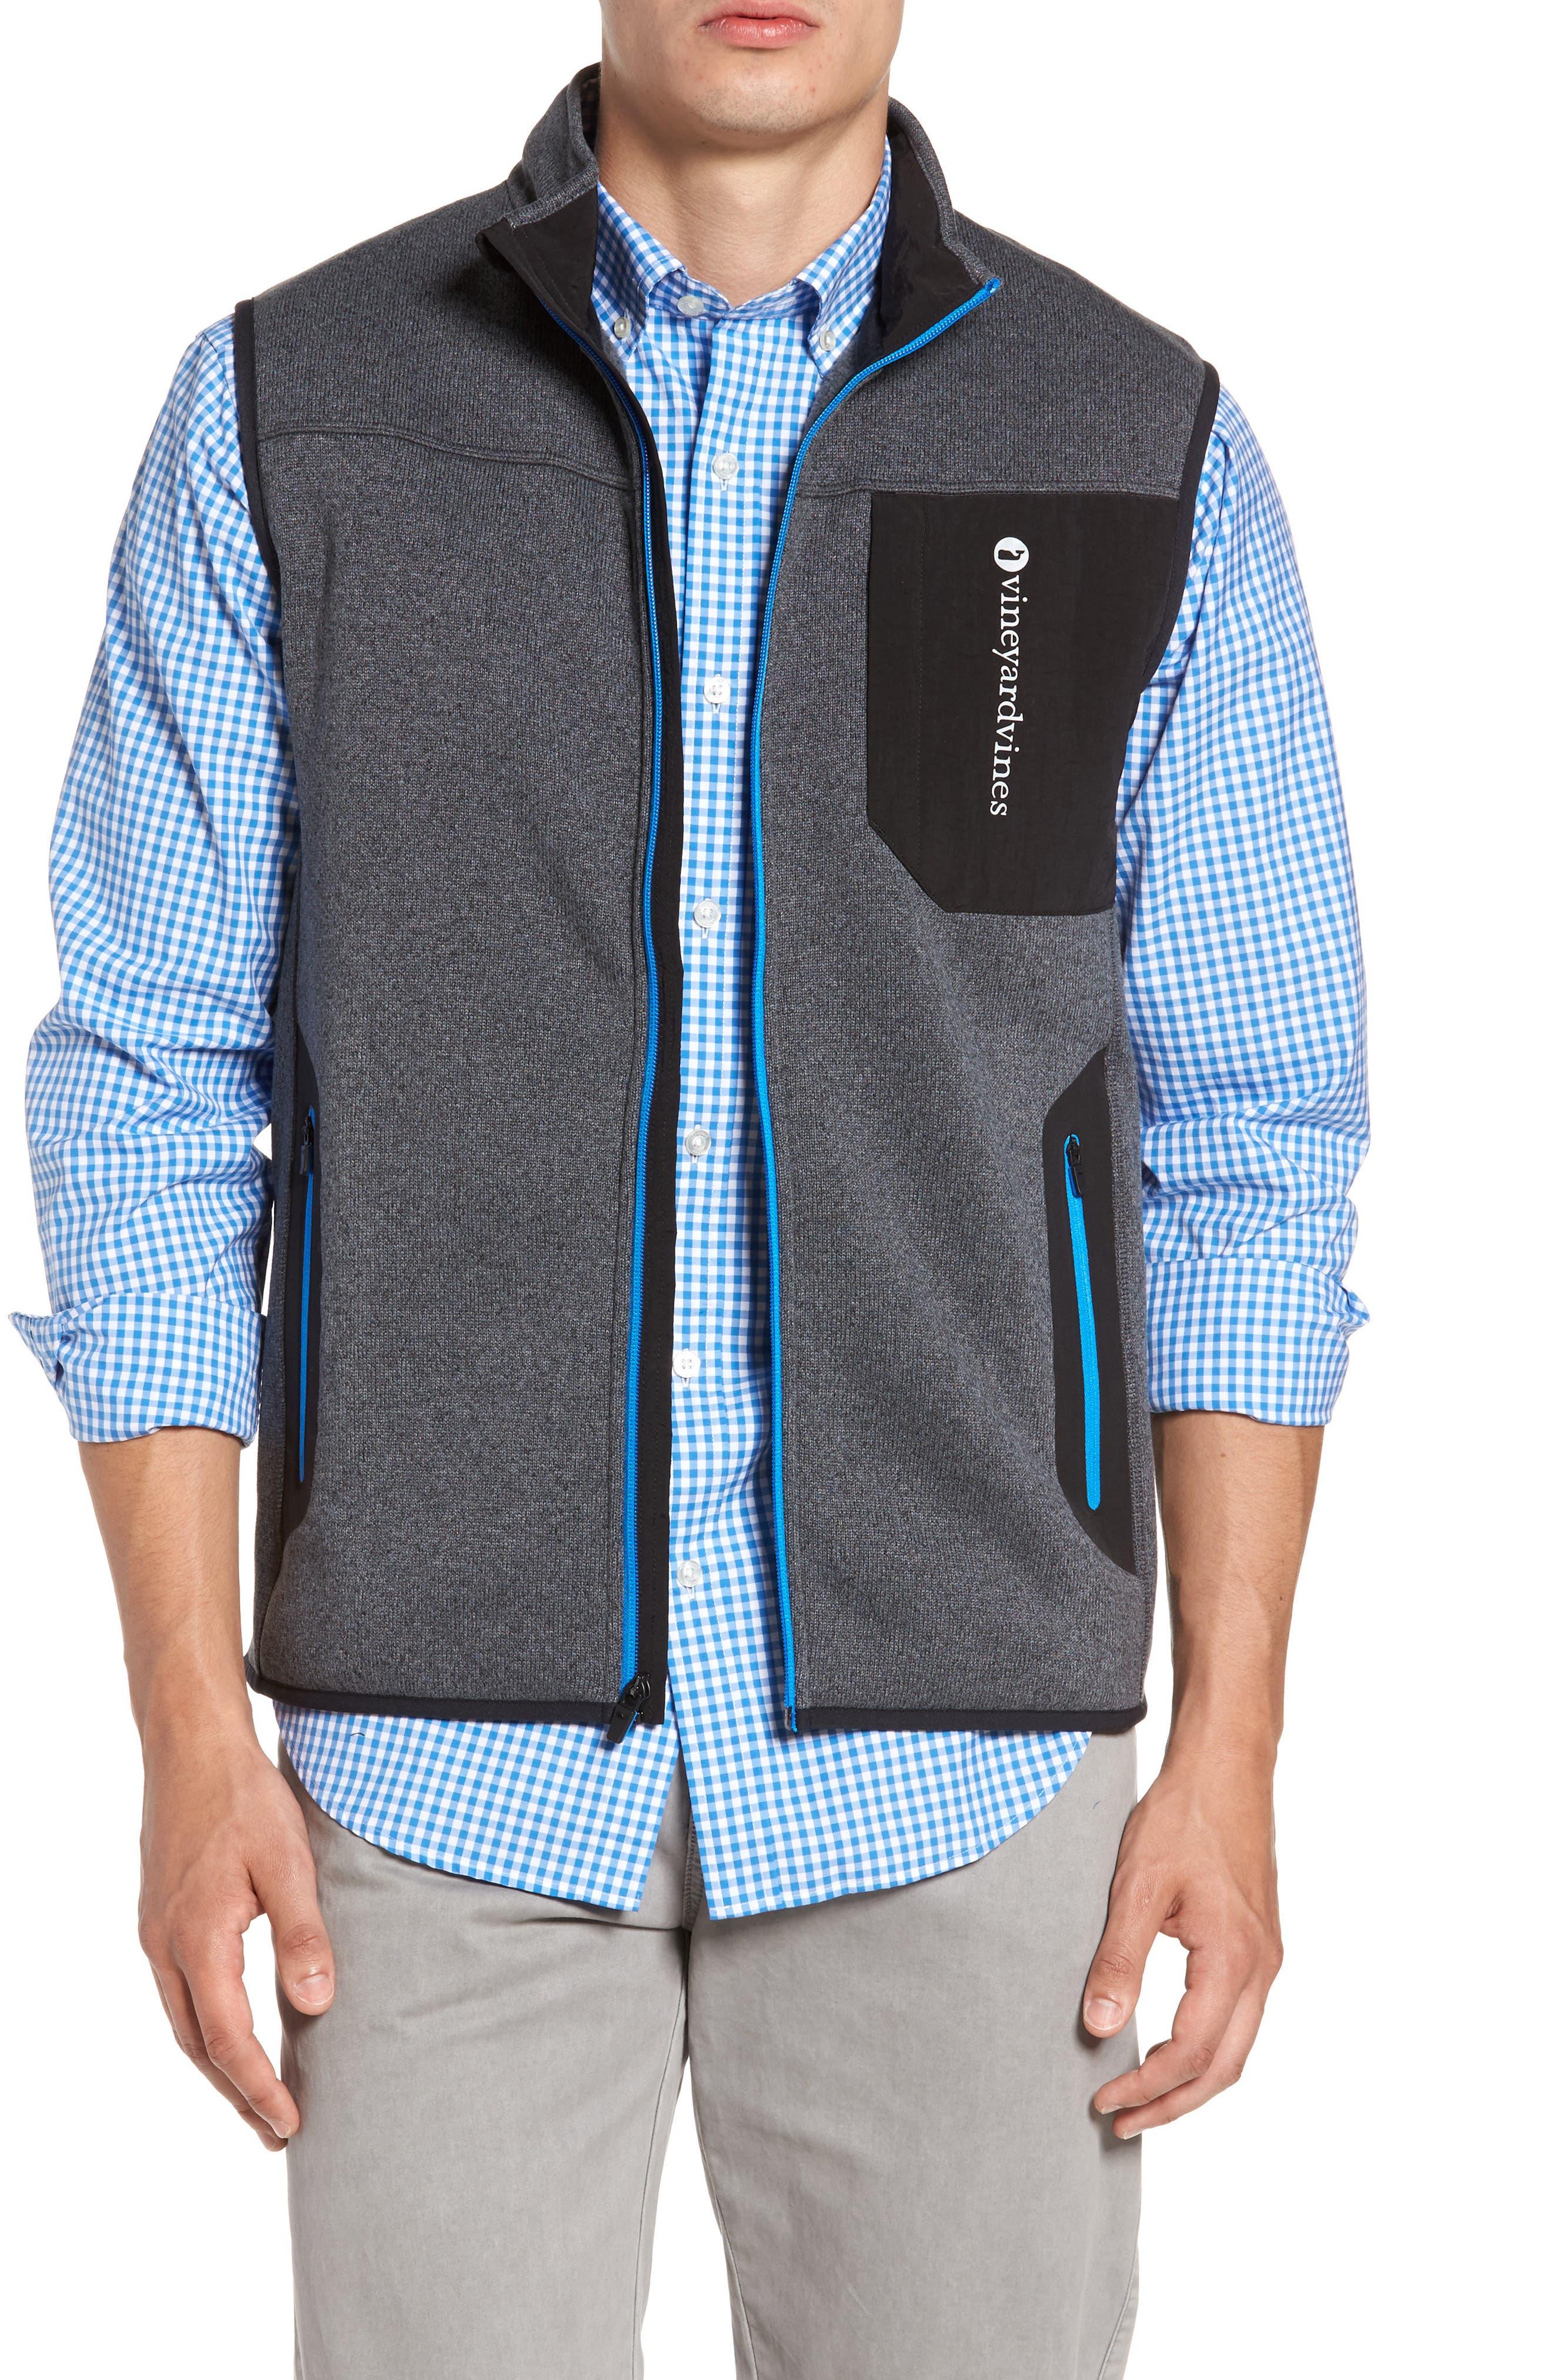 Main Image - vineyard vines Tech Sweater Fleece Vest